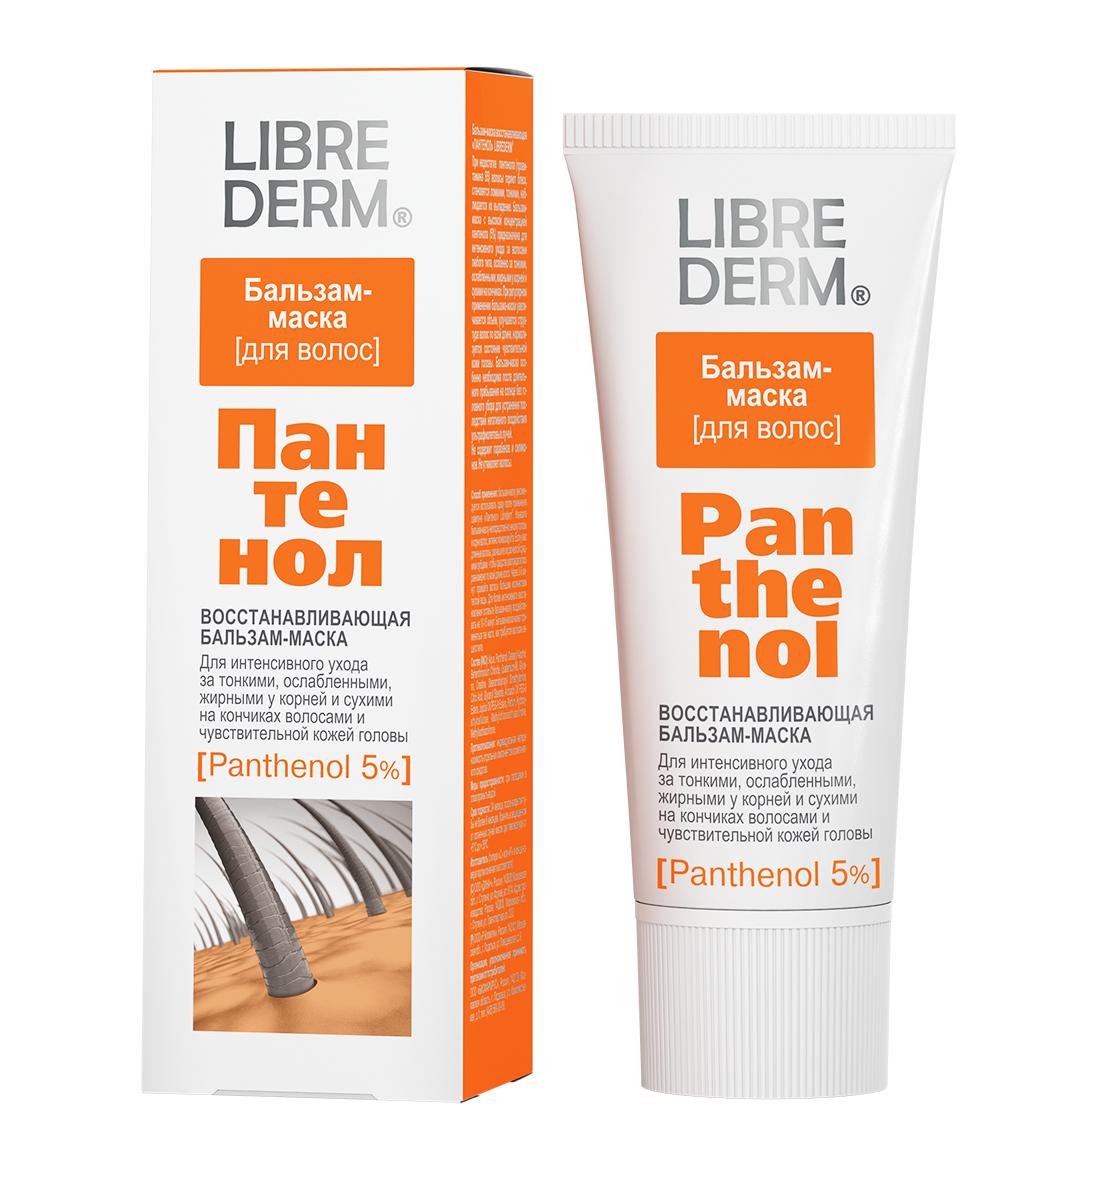 LIBREDERM Пантенол бальзам-маска восстанавливающая 200 мл102260*бальзам-маска с высокой концентрацией пантенола 5% предназначена для интенсивного ухода за волосами любого типа, особенно за тонкими, ослабленными, жирными у корней и сухими на кончиках. * при регулярном применении увеличивается объем, улучшается структура волос по всей длине, нормализуется состояние чувствительной кожи головы * не содержит парабенов и силиконов * не утяжеляет волосы